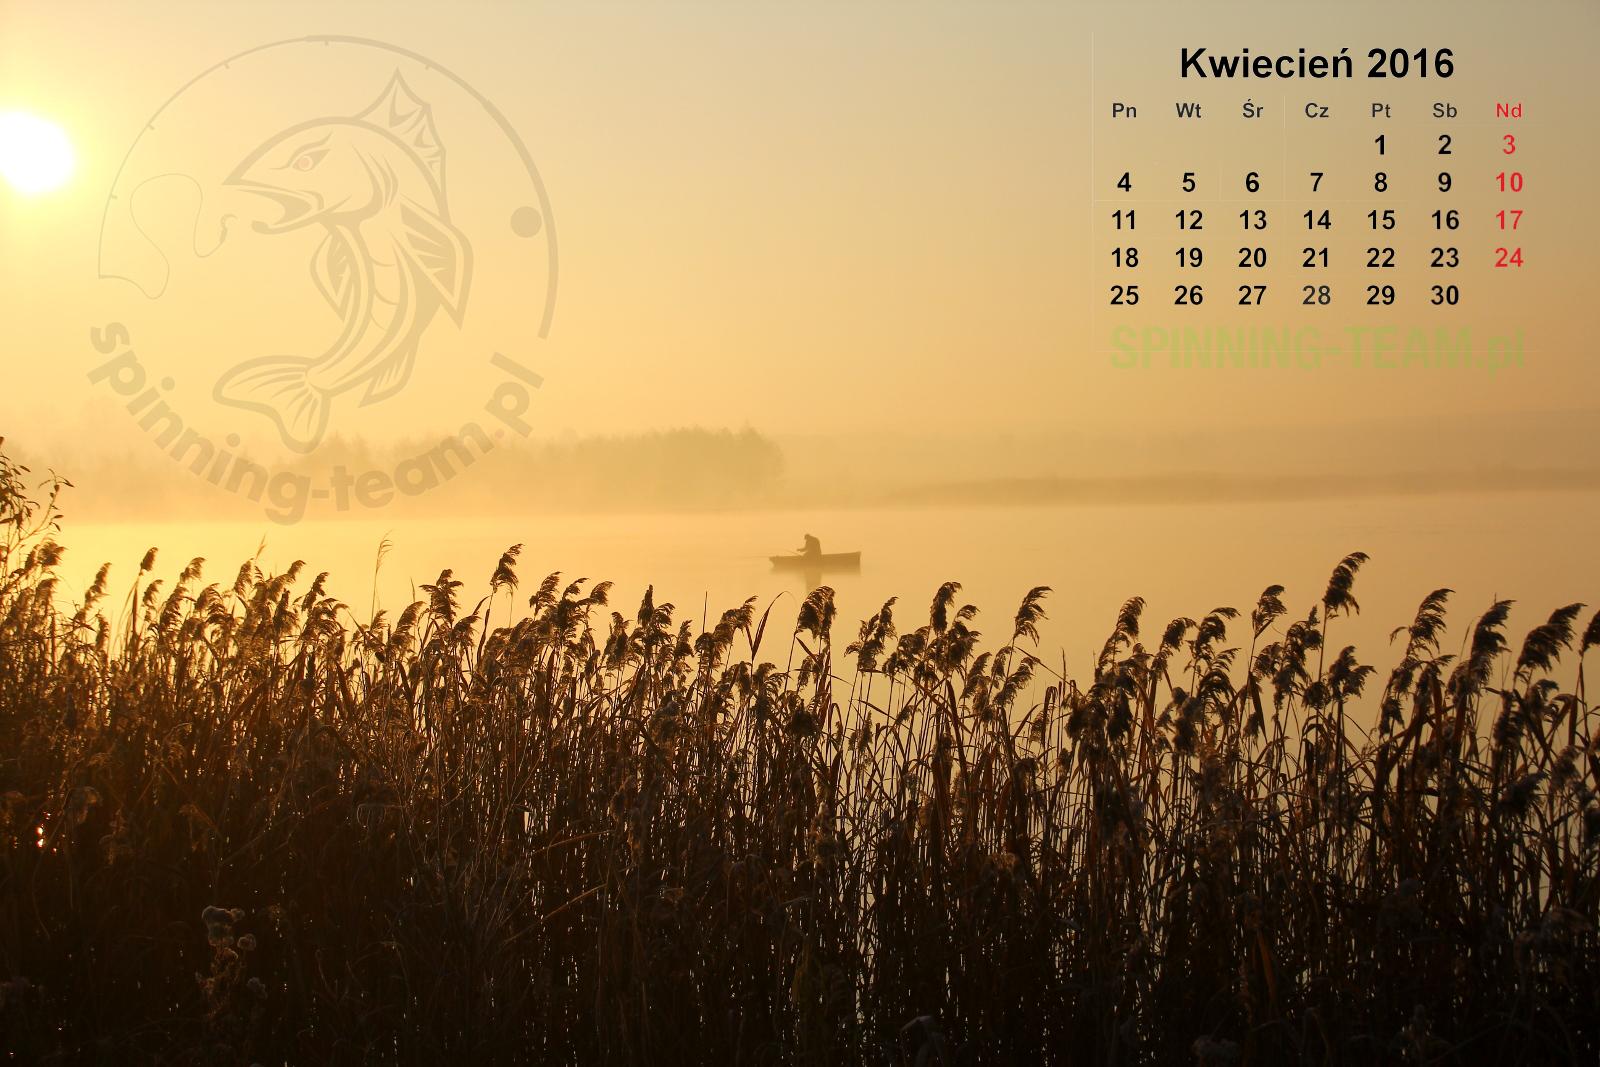 Kalendarz wędkarski Kwiecień 2016